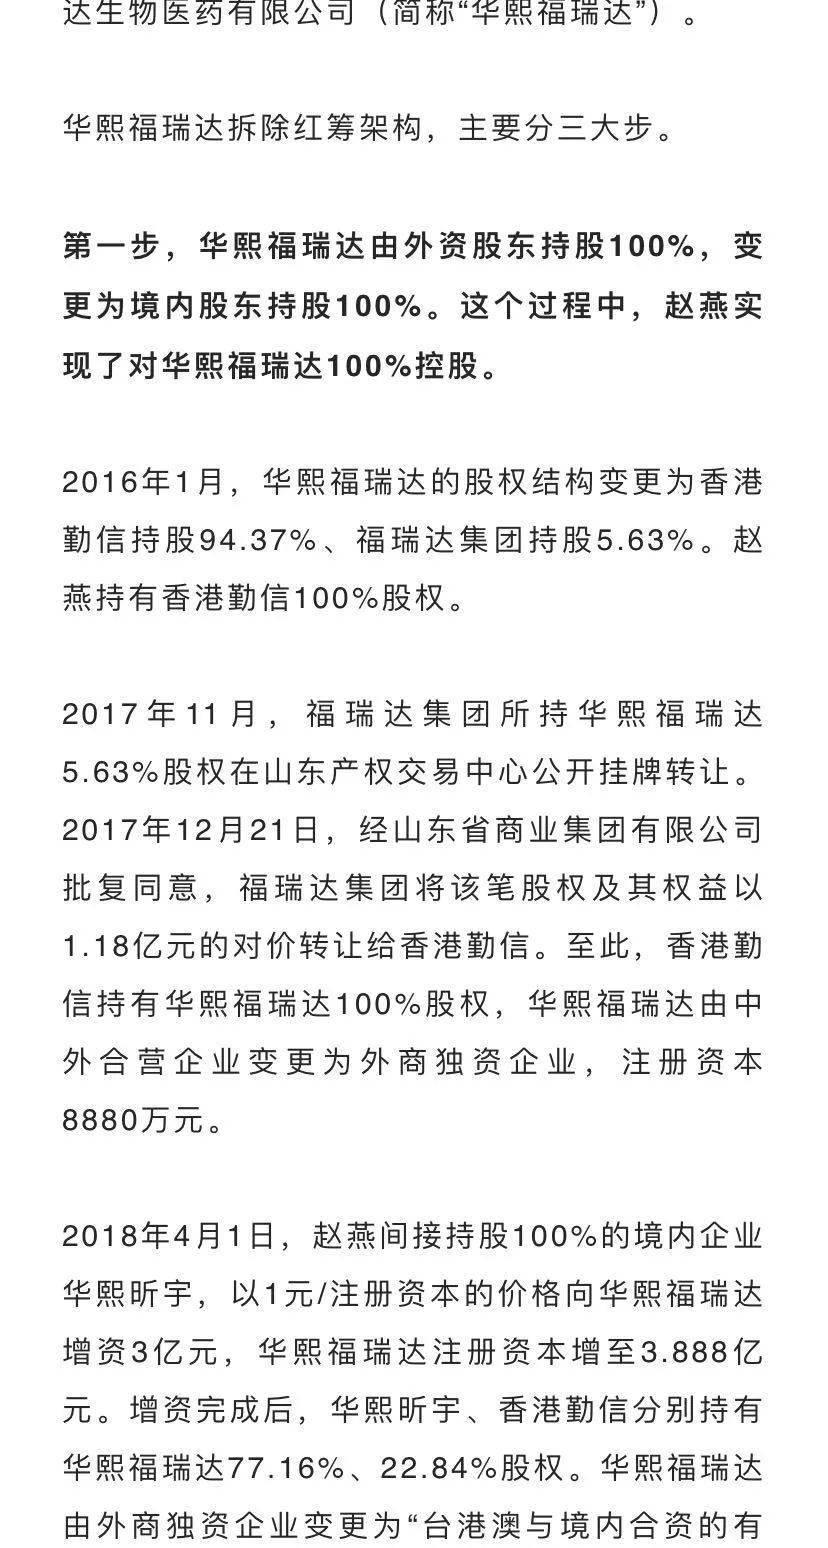 私有化再上市后市值涨1000%,科创板首富、玻尿酸女王如何炼成?